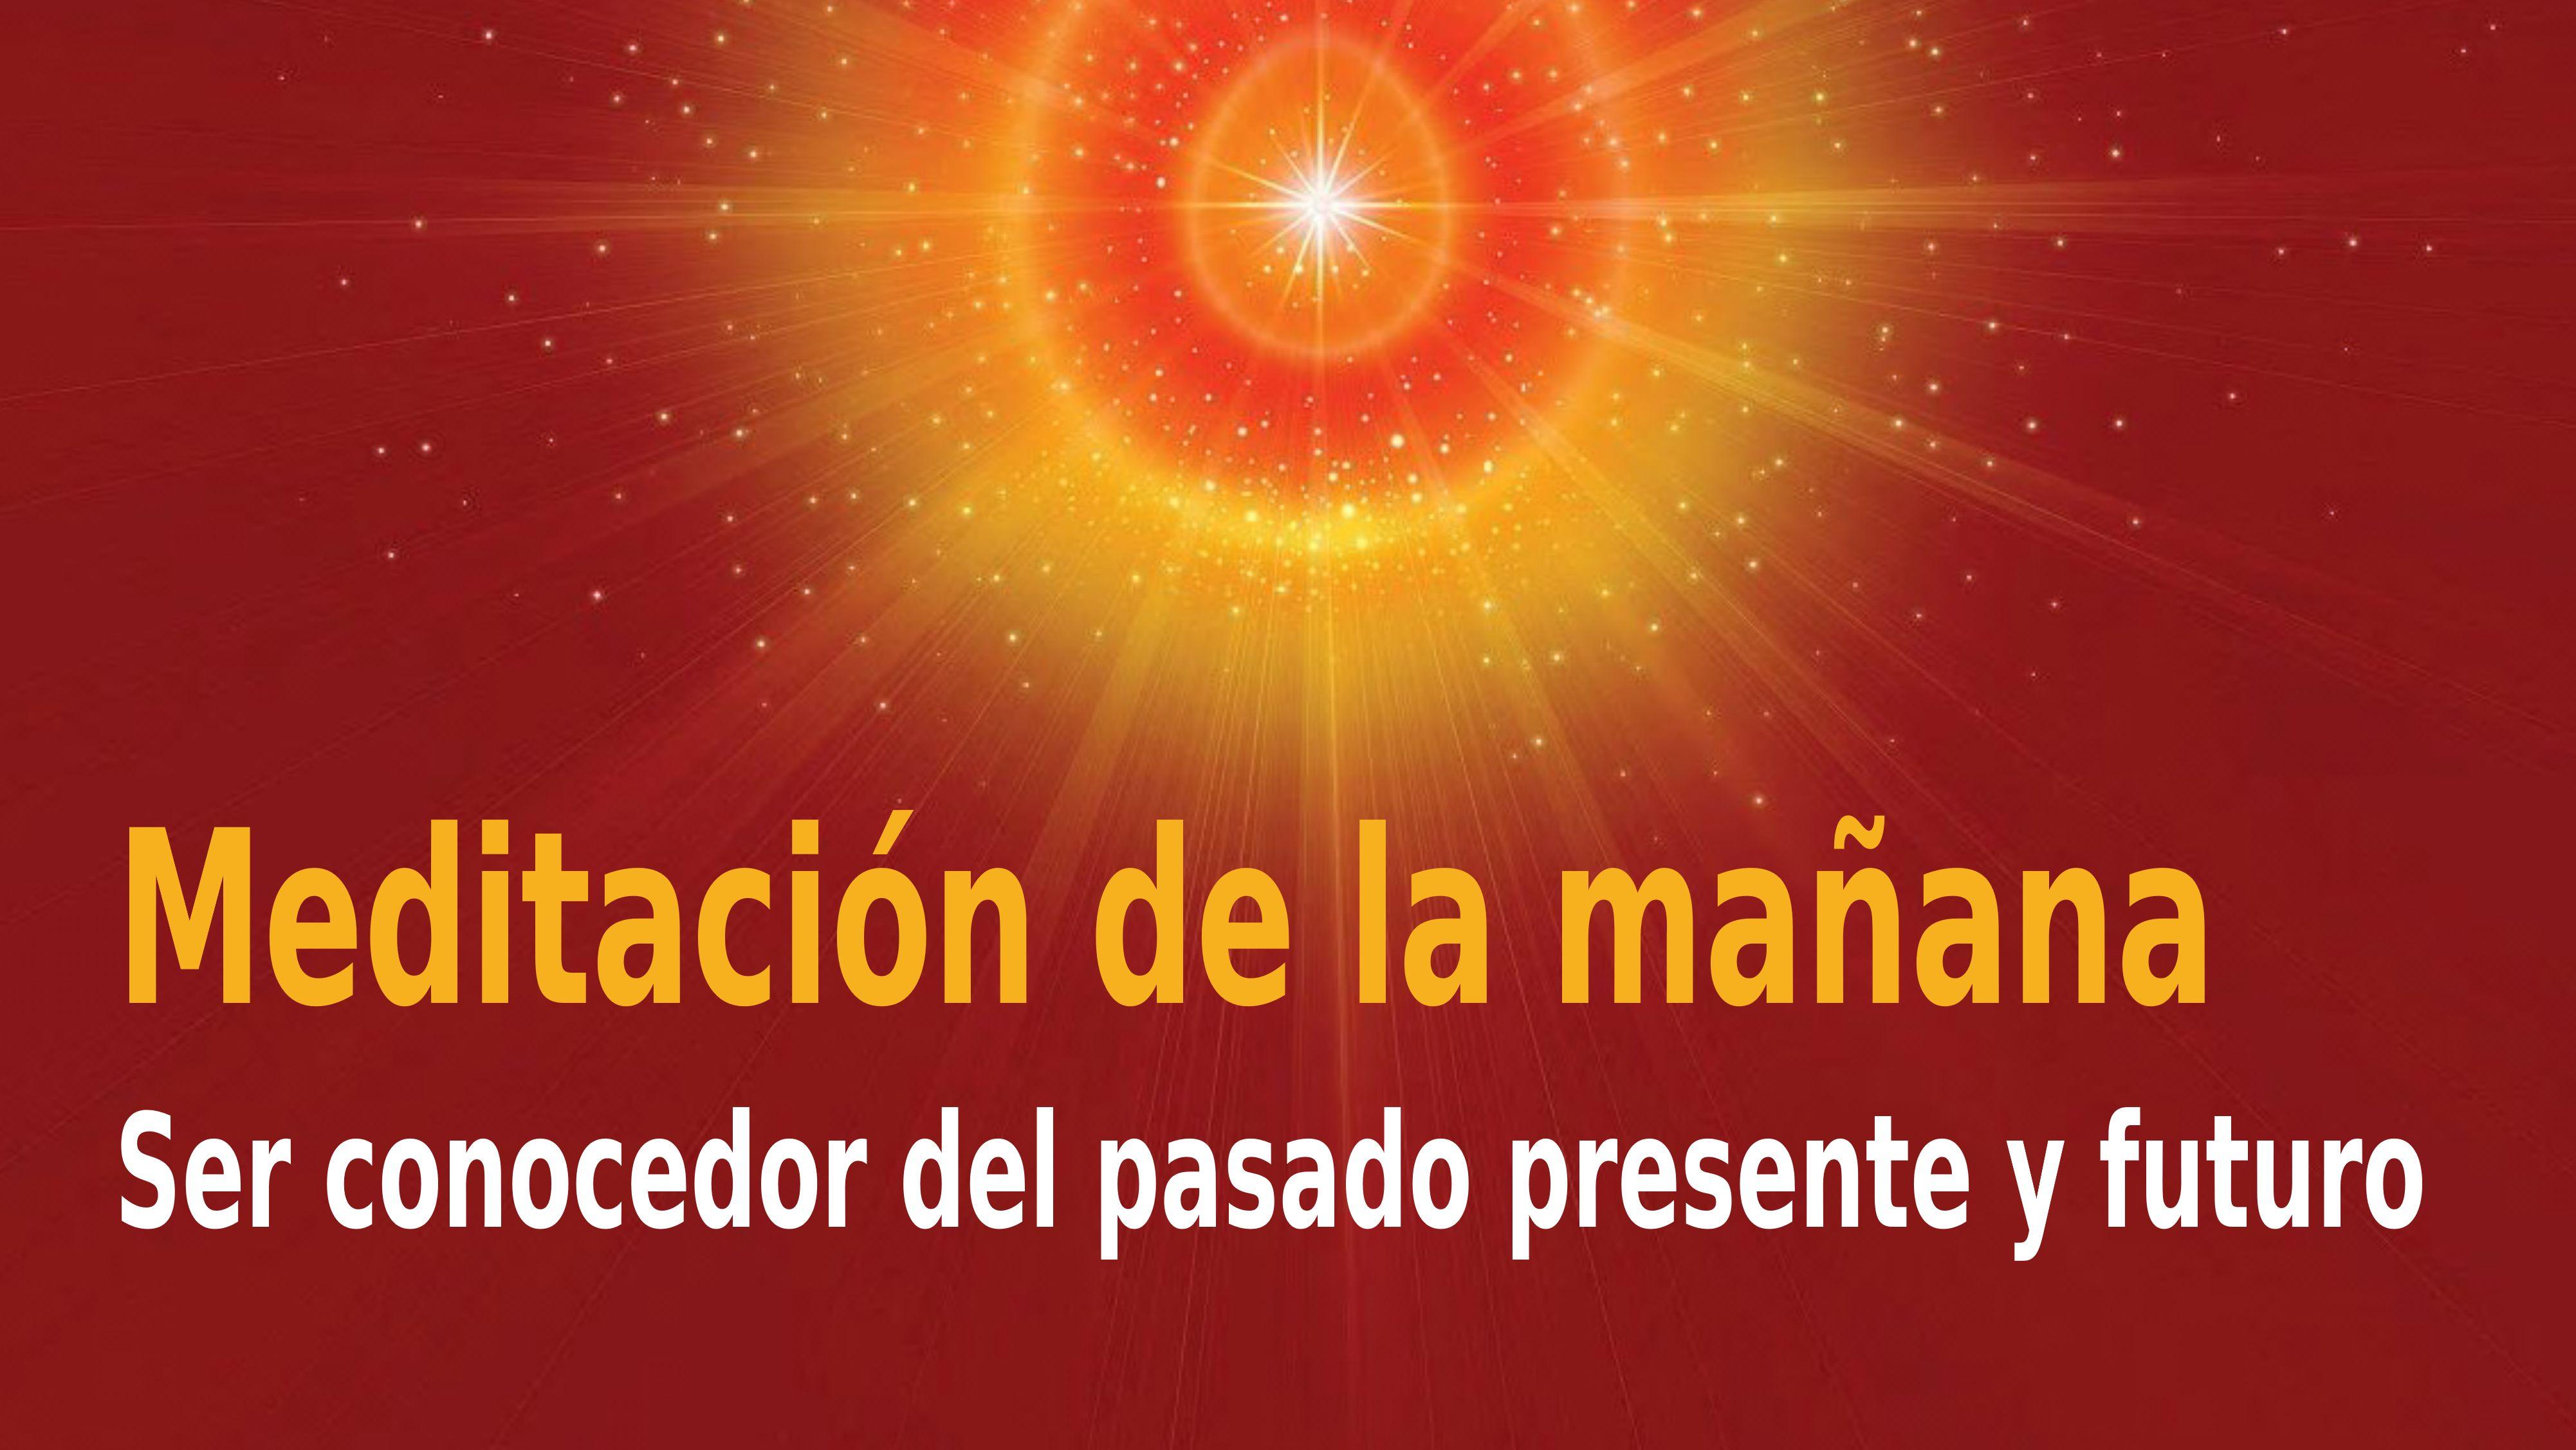 Meditación de la mañana Raja Yoga: Ser conocedor del pasado presente y futuro (25 Noviembre 2020)